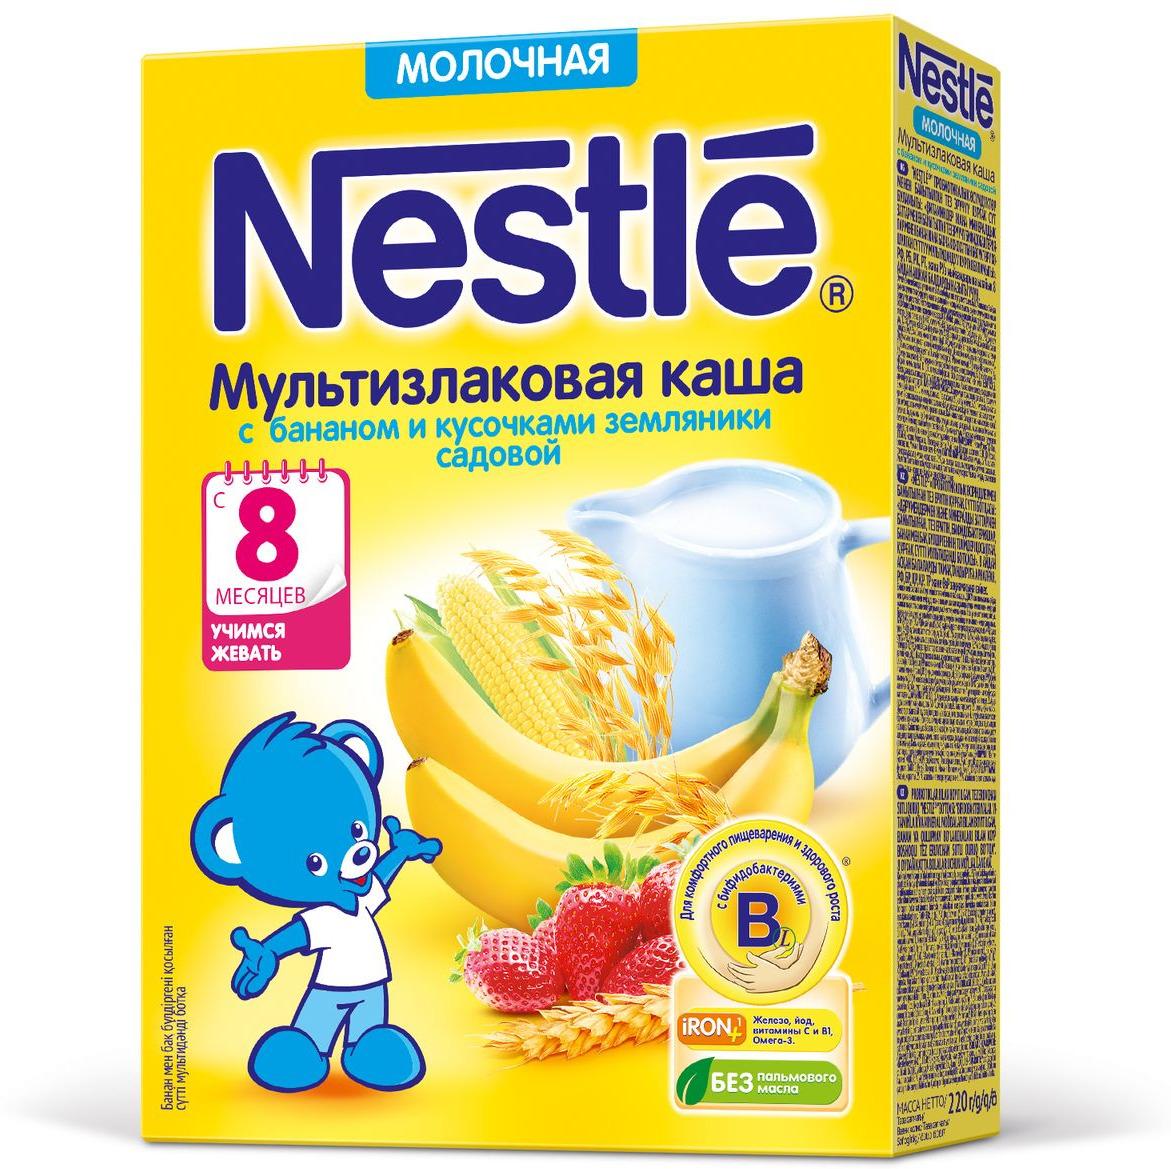 Nestle мультизлаковая с бананом и земляникой каша молочная, 220 г